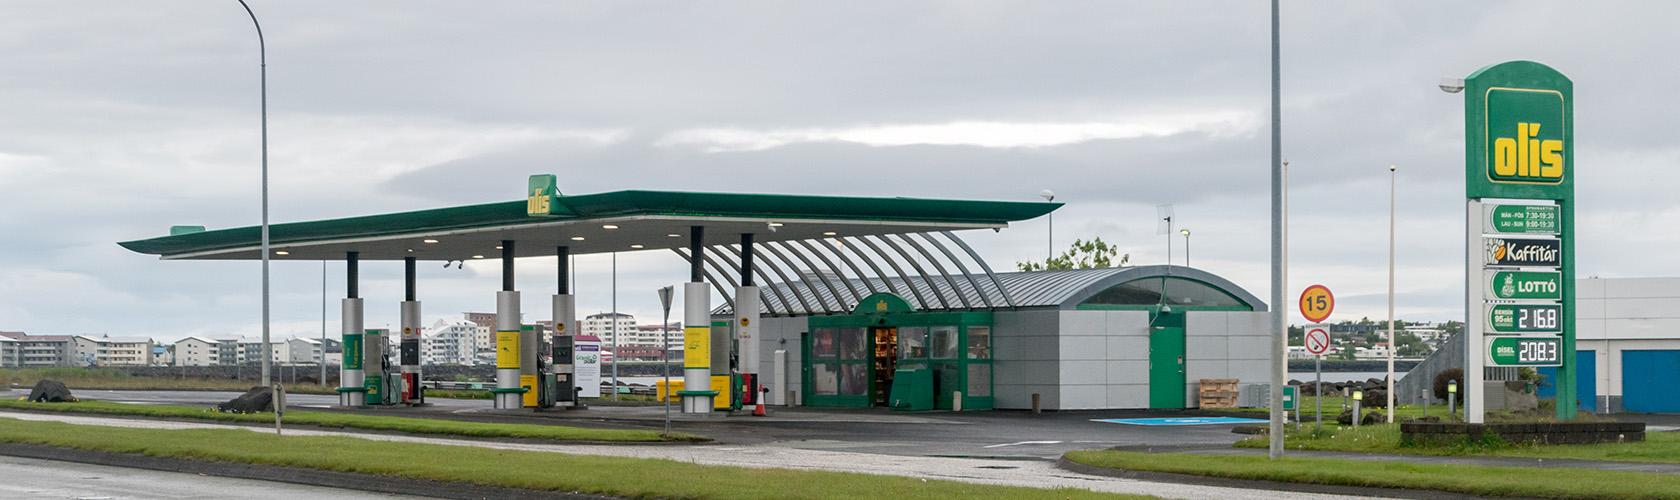 Tanken en tankstations in IJsland